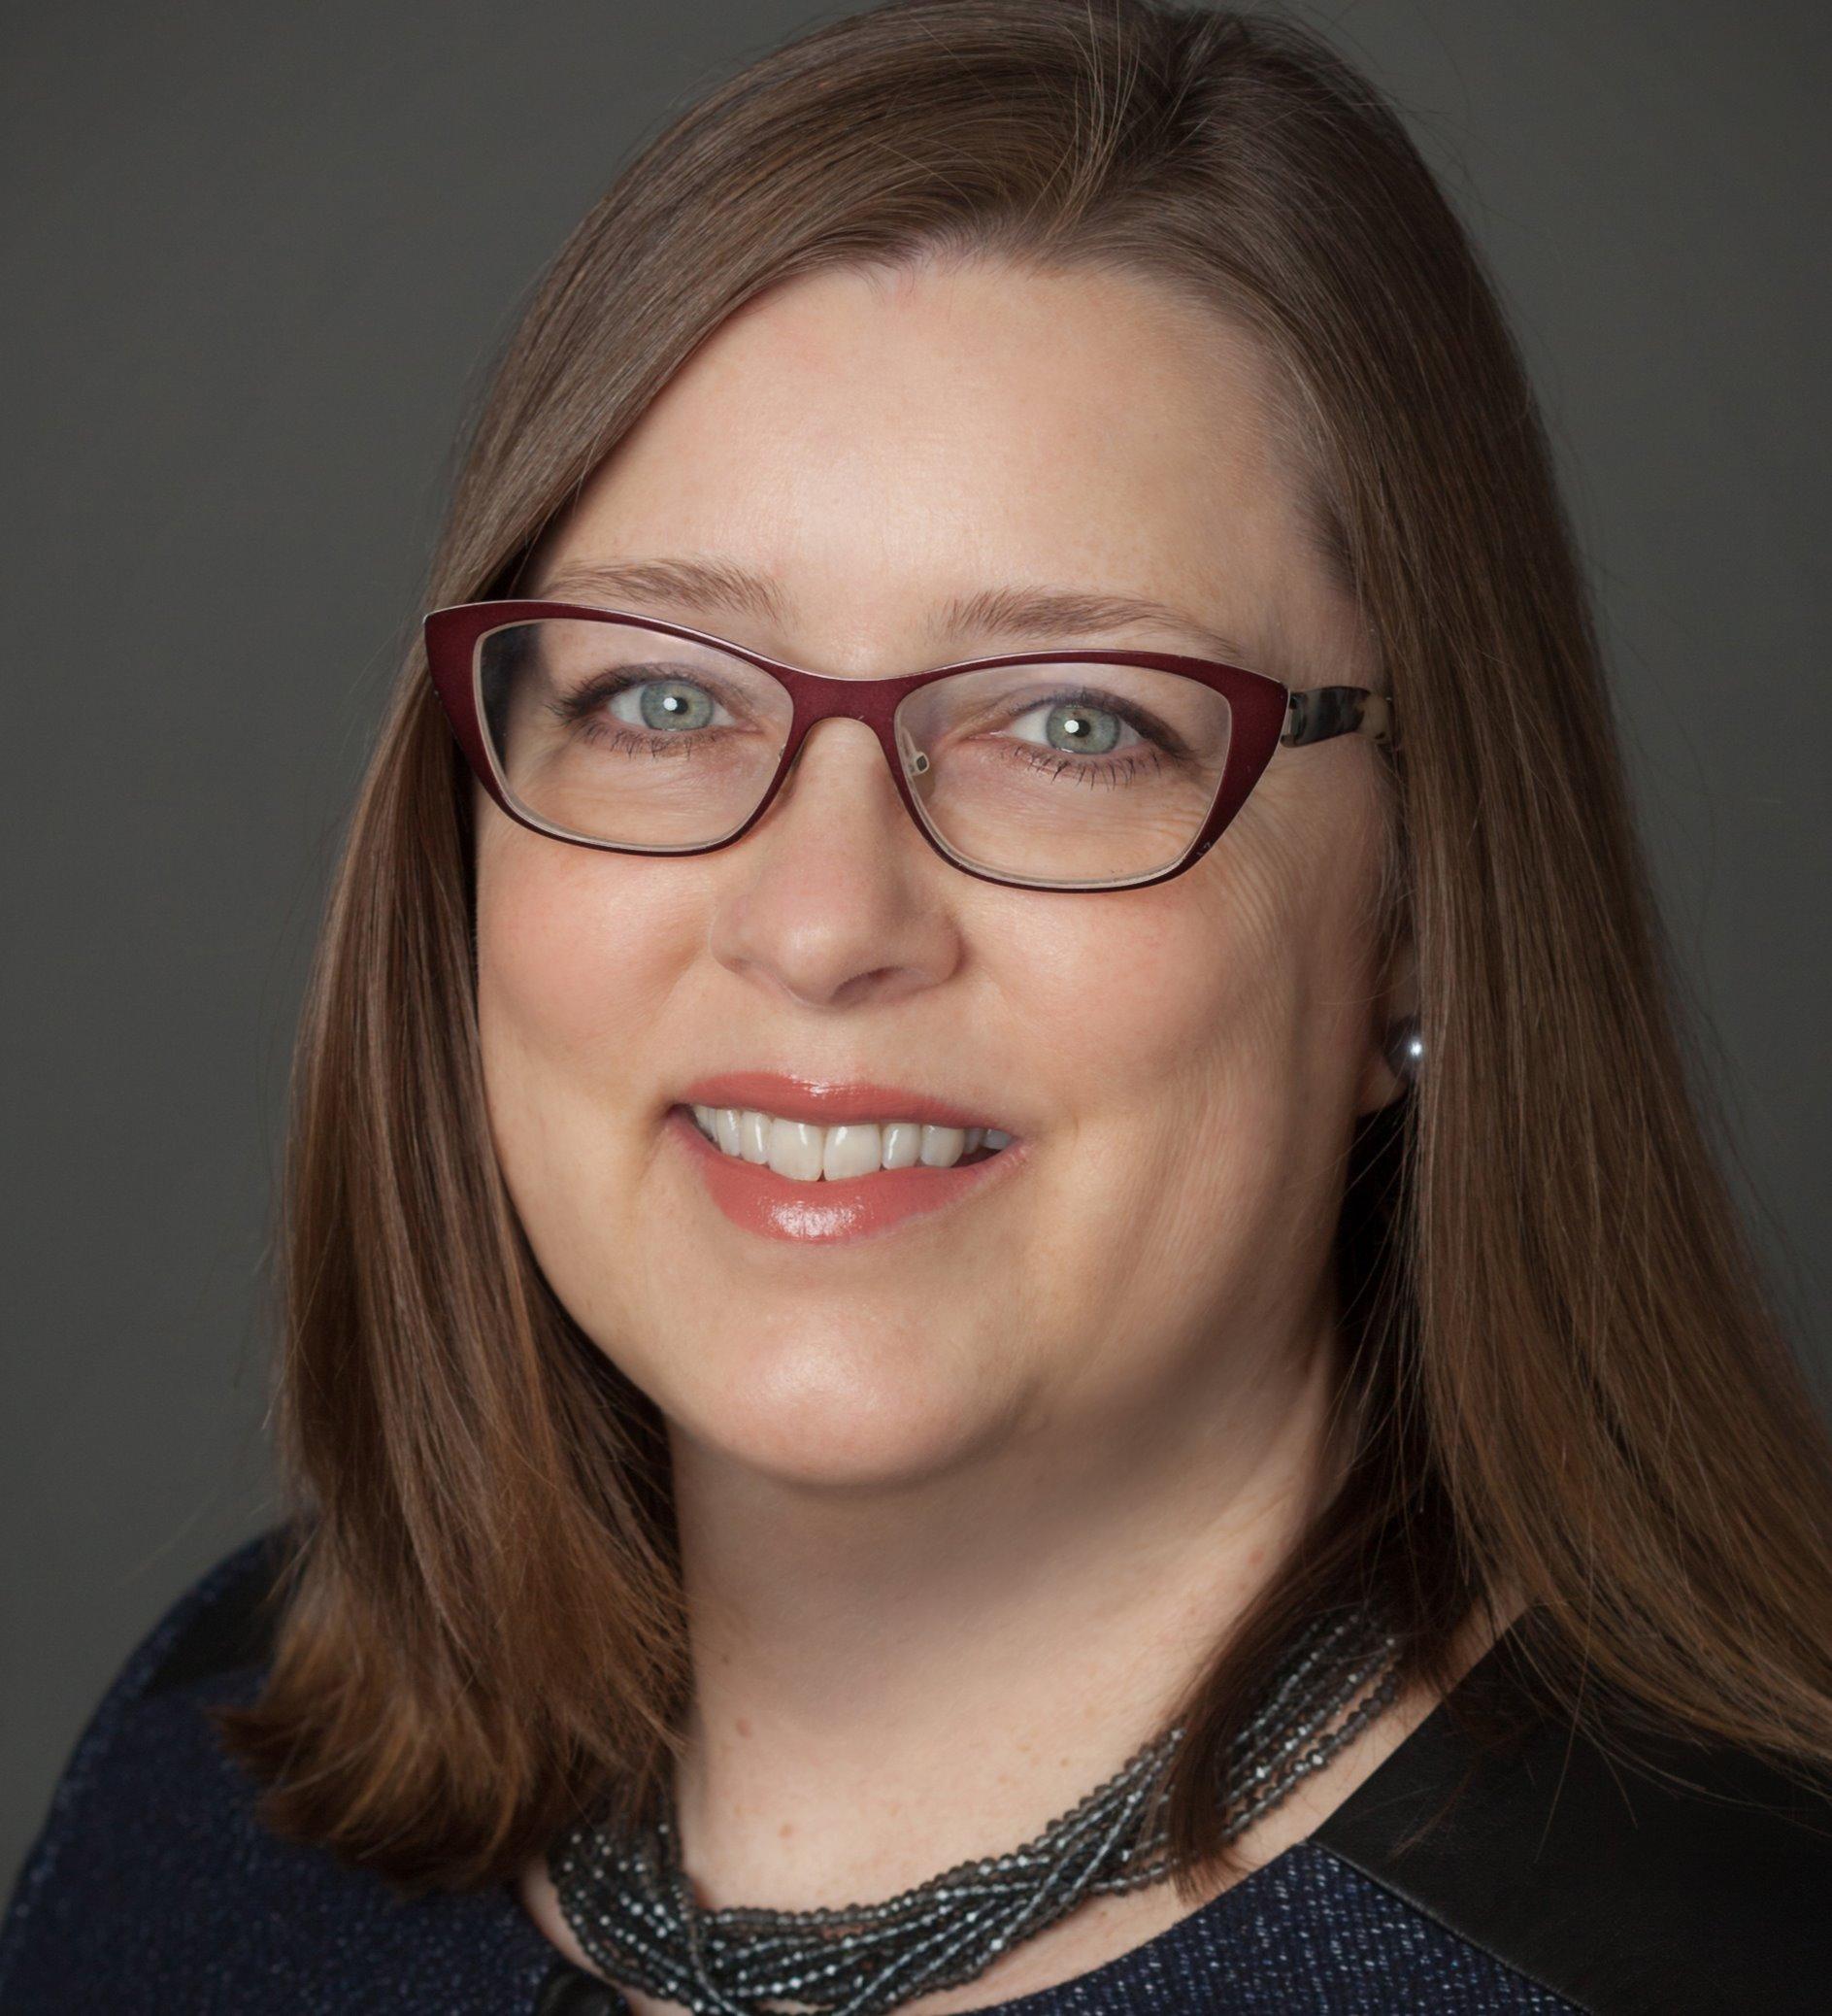 Kimberly Huguley's Profile Image